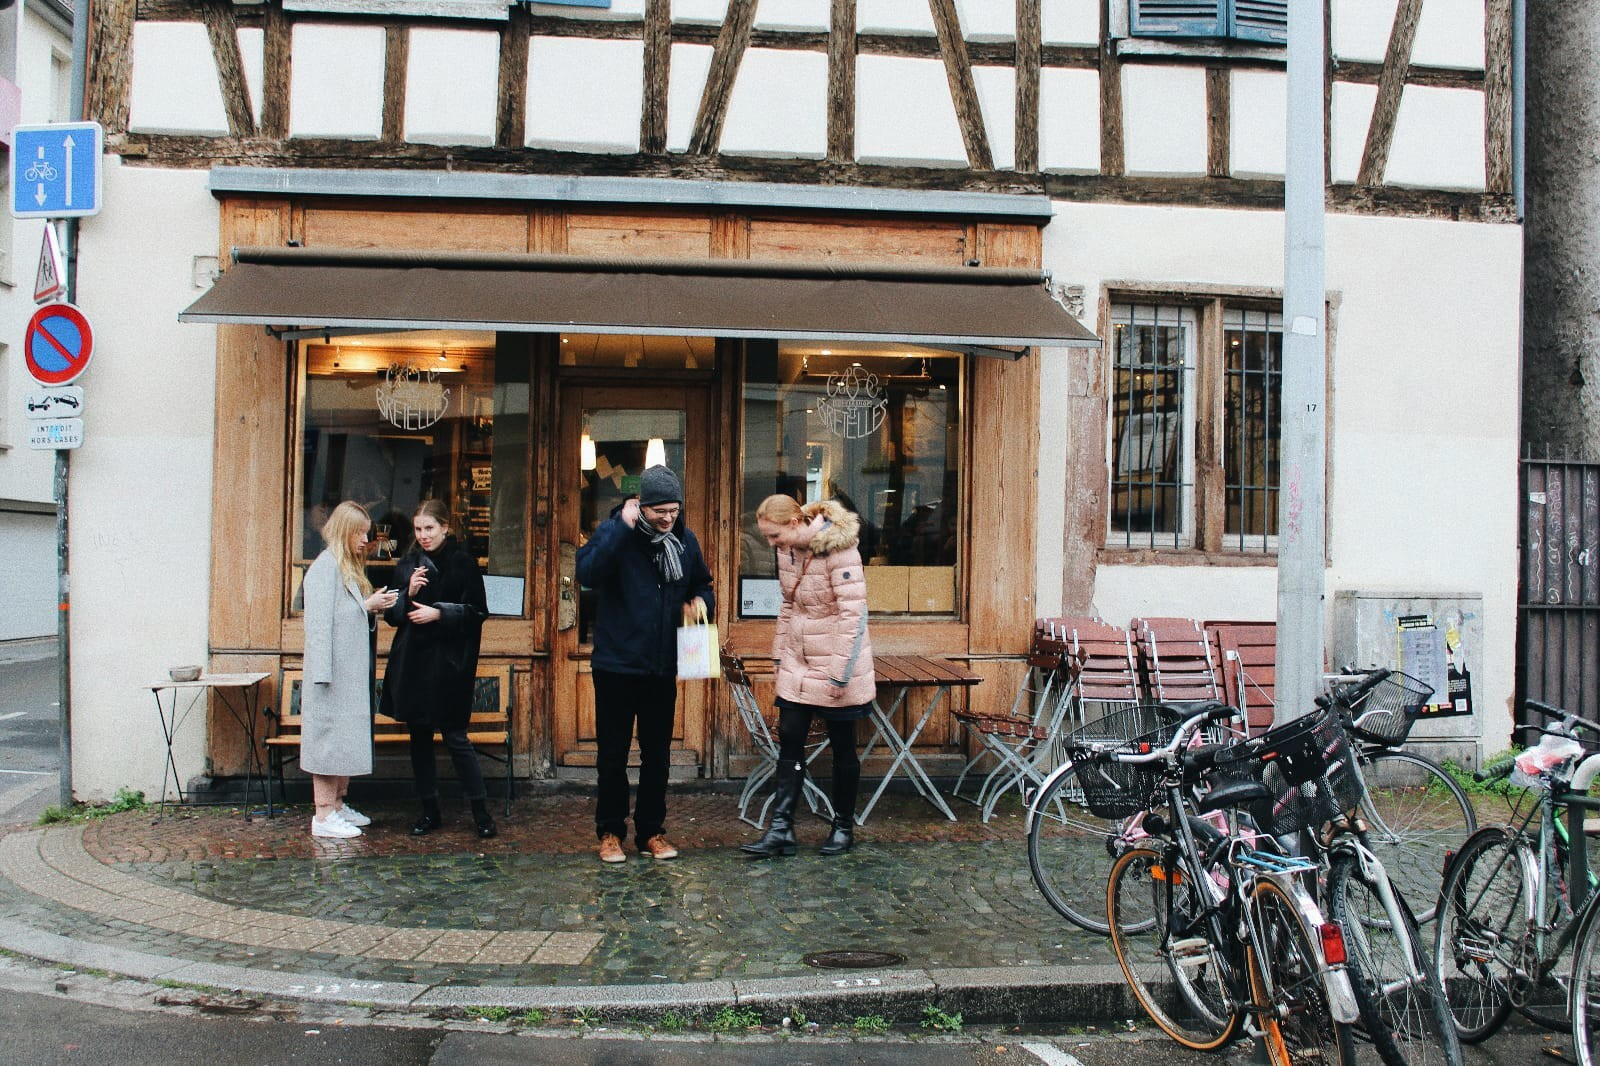 estrasburgo-mejor-ciudad-alsacia-22339b7